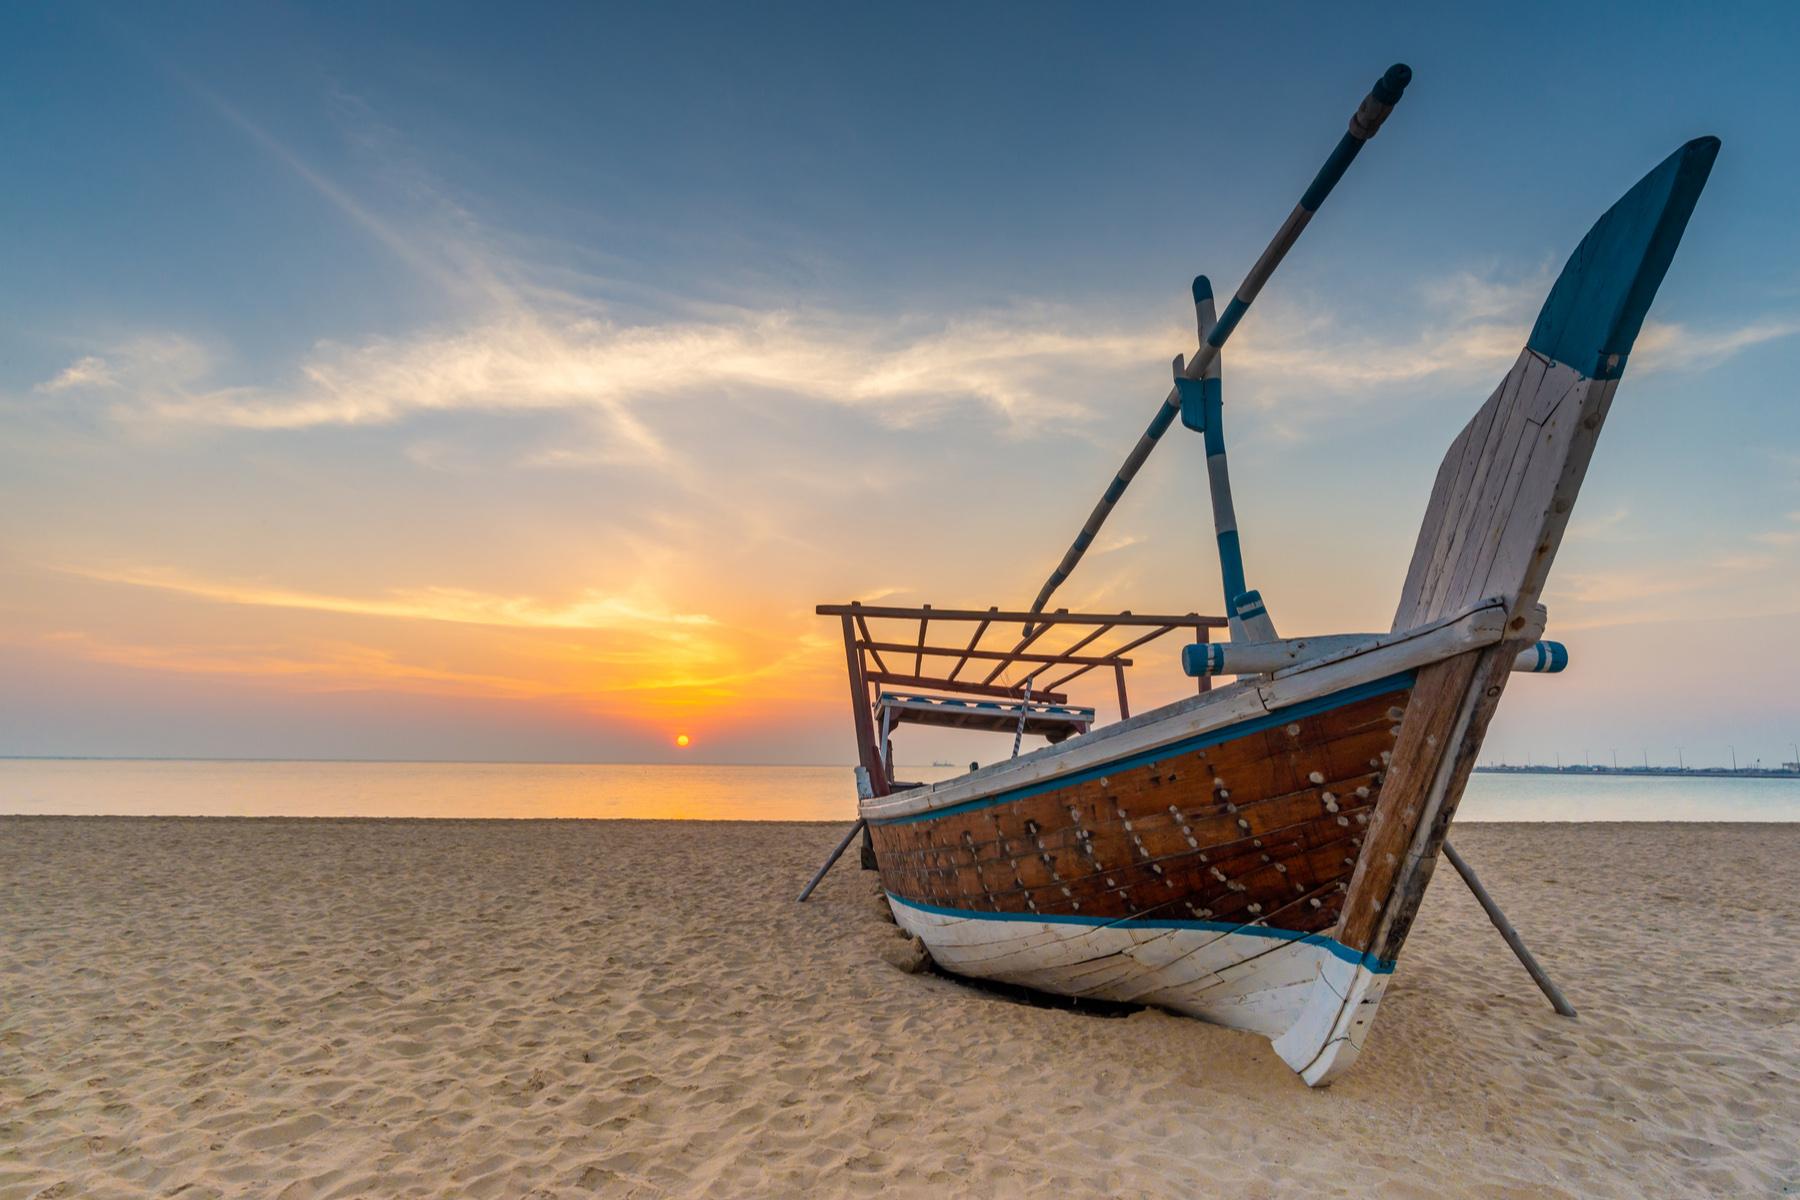 Al Wakrah Beach in Qatar